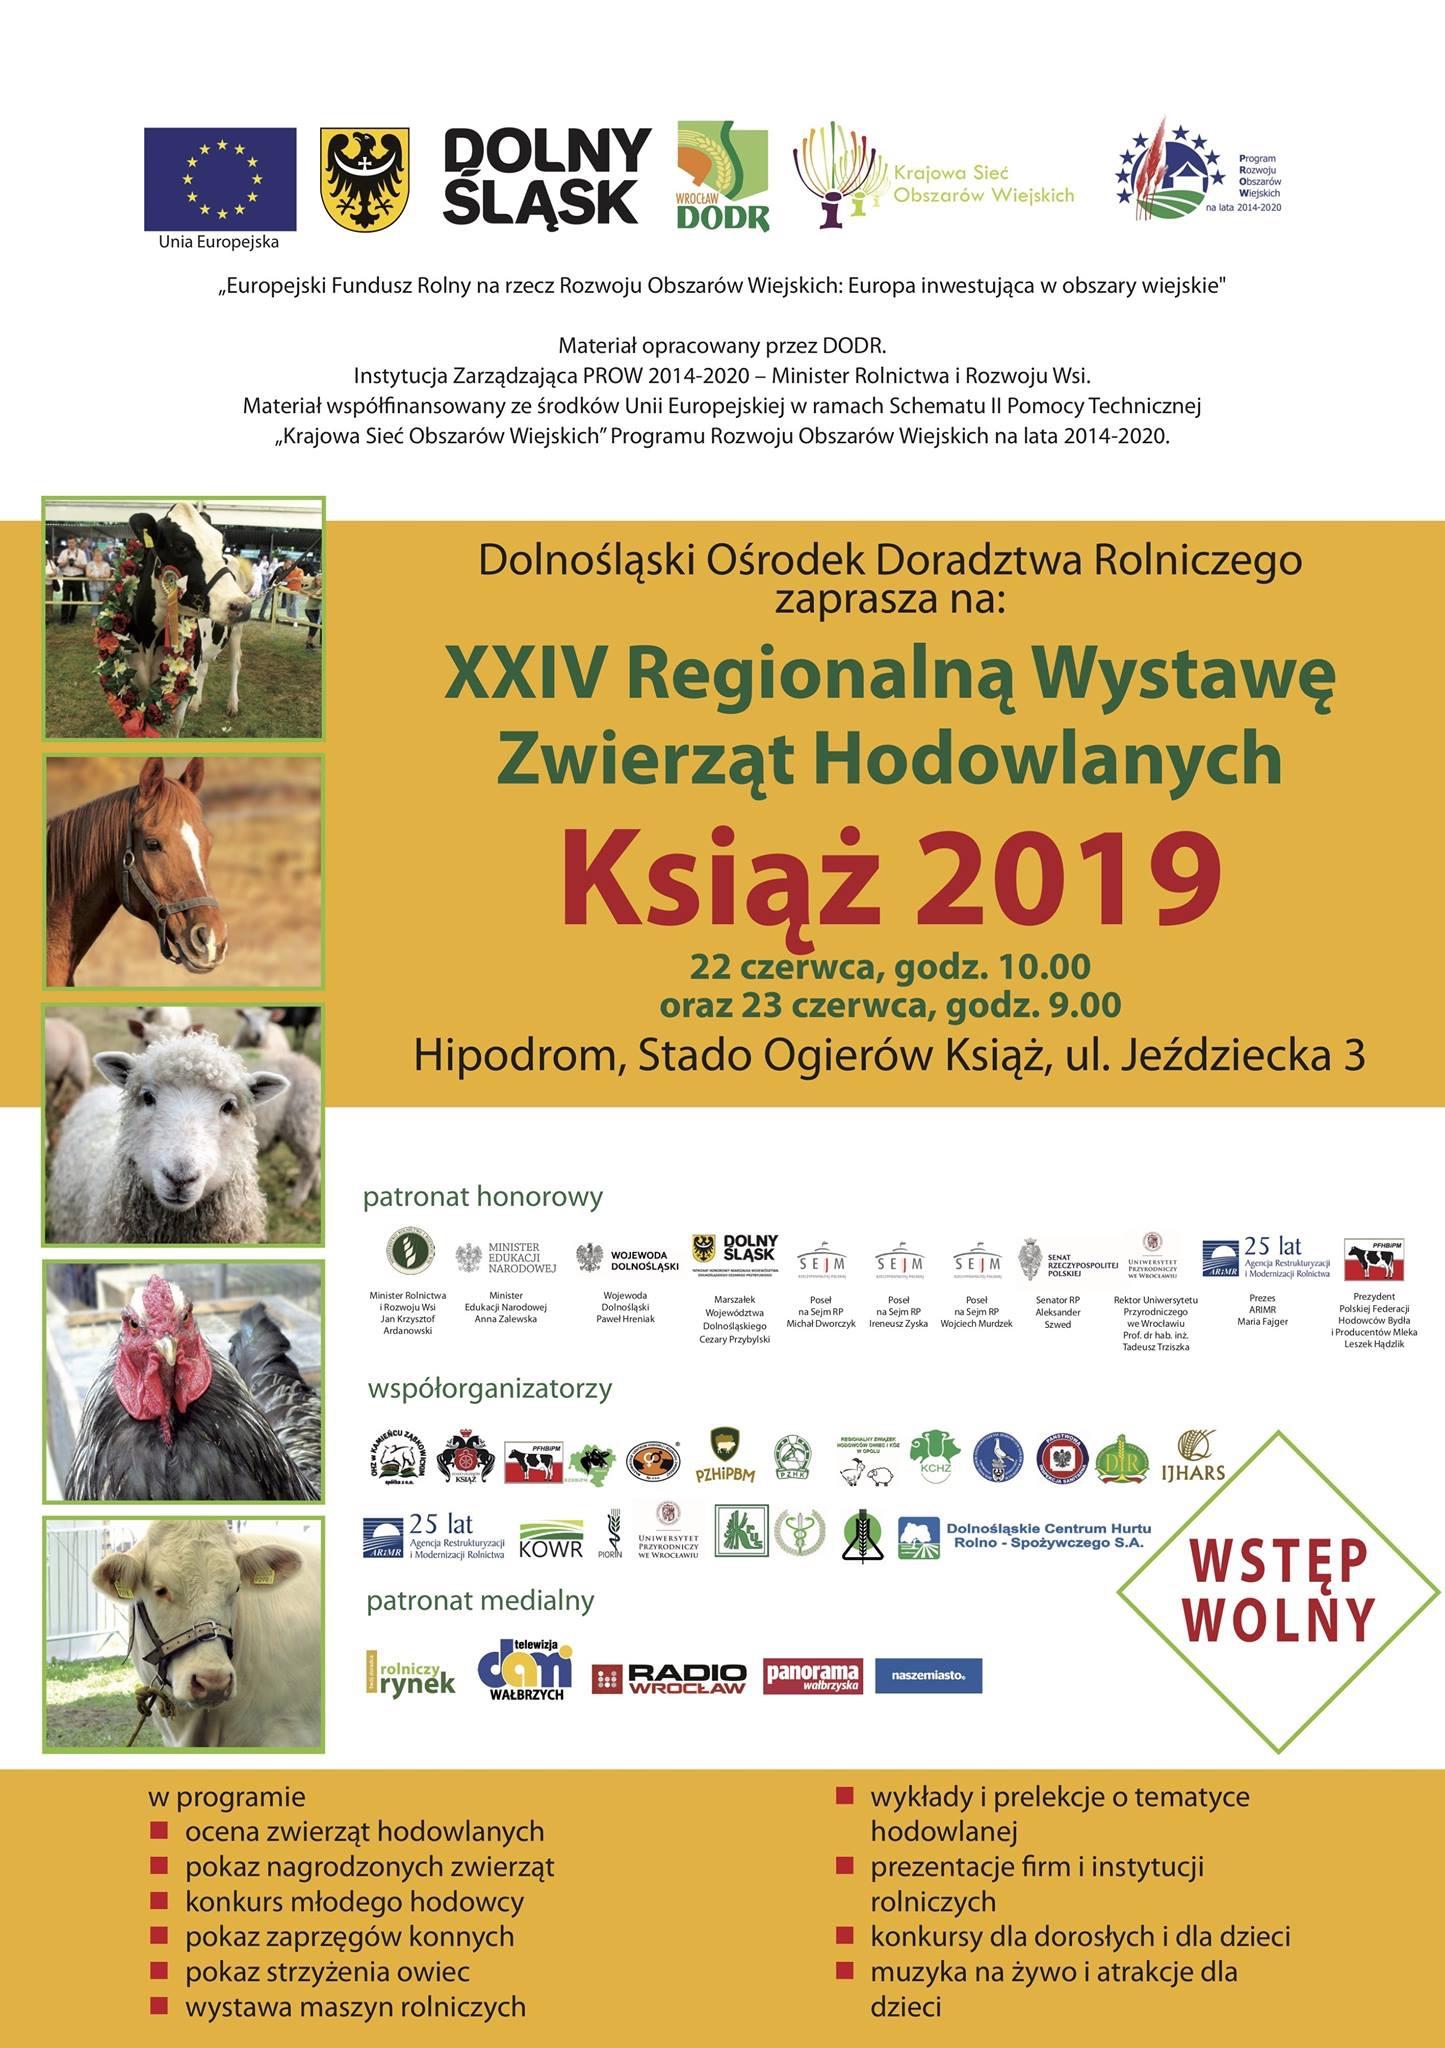 XXIV Regionalna Wystawa Zwierzat Hodowlanych Książ 2019